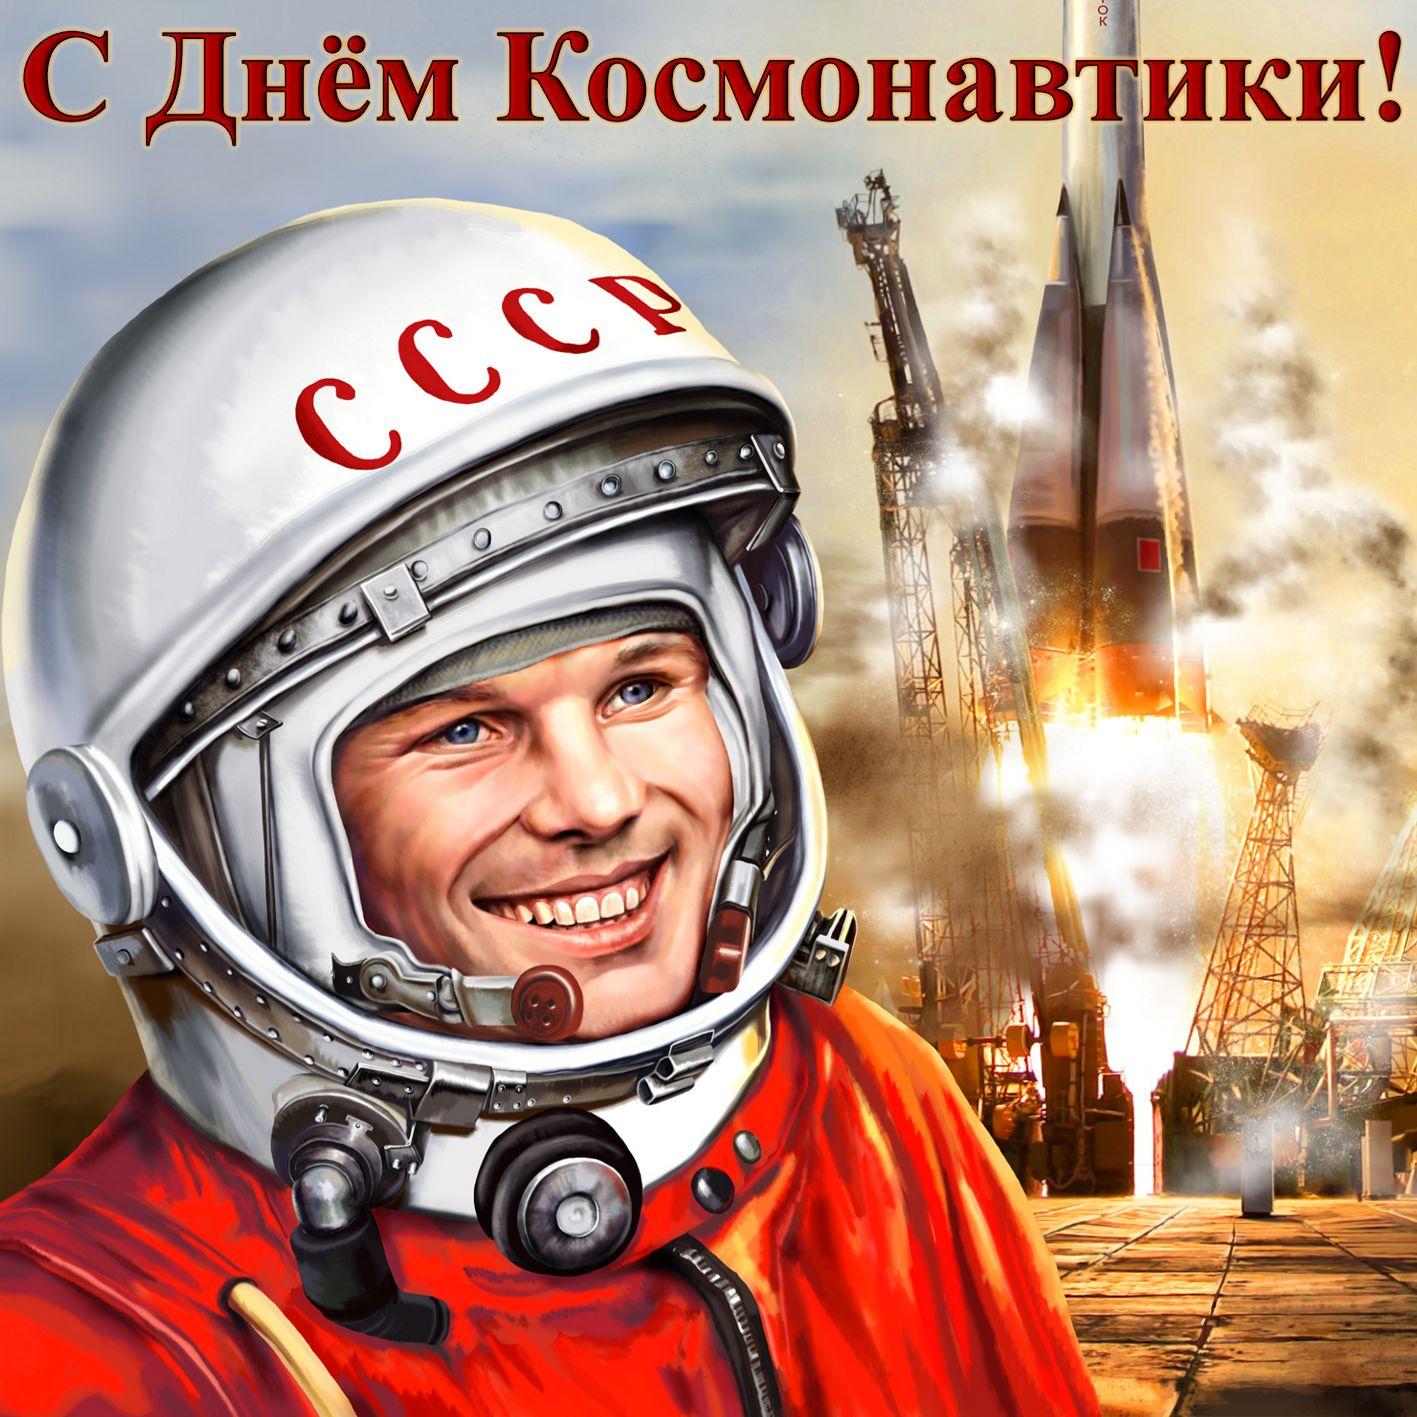 Открытка на День Космонавтики - Юрий Гагарин на фоне стартующей ракеты